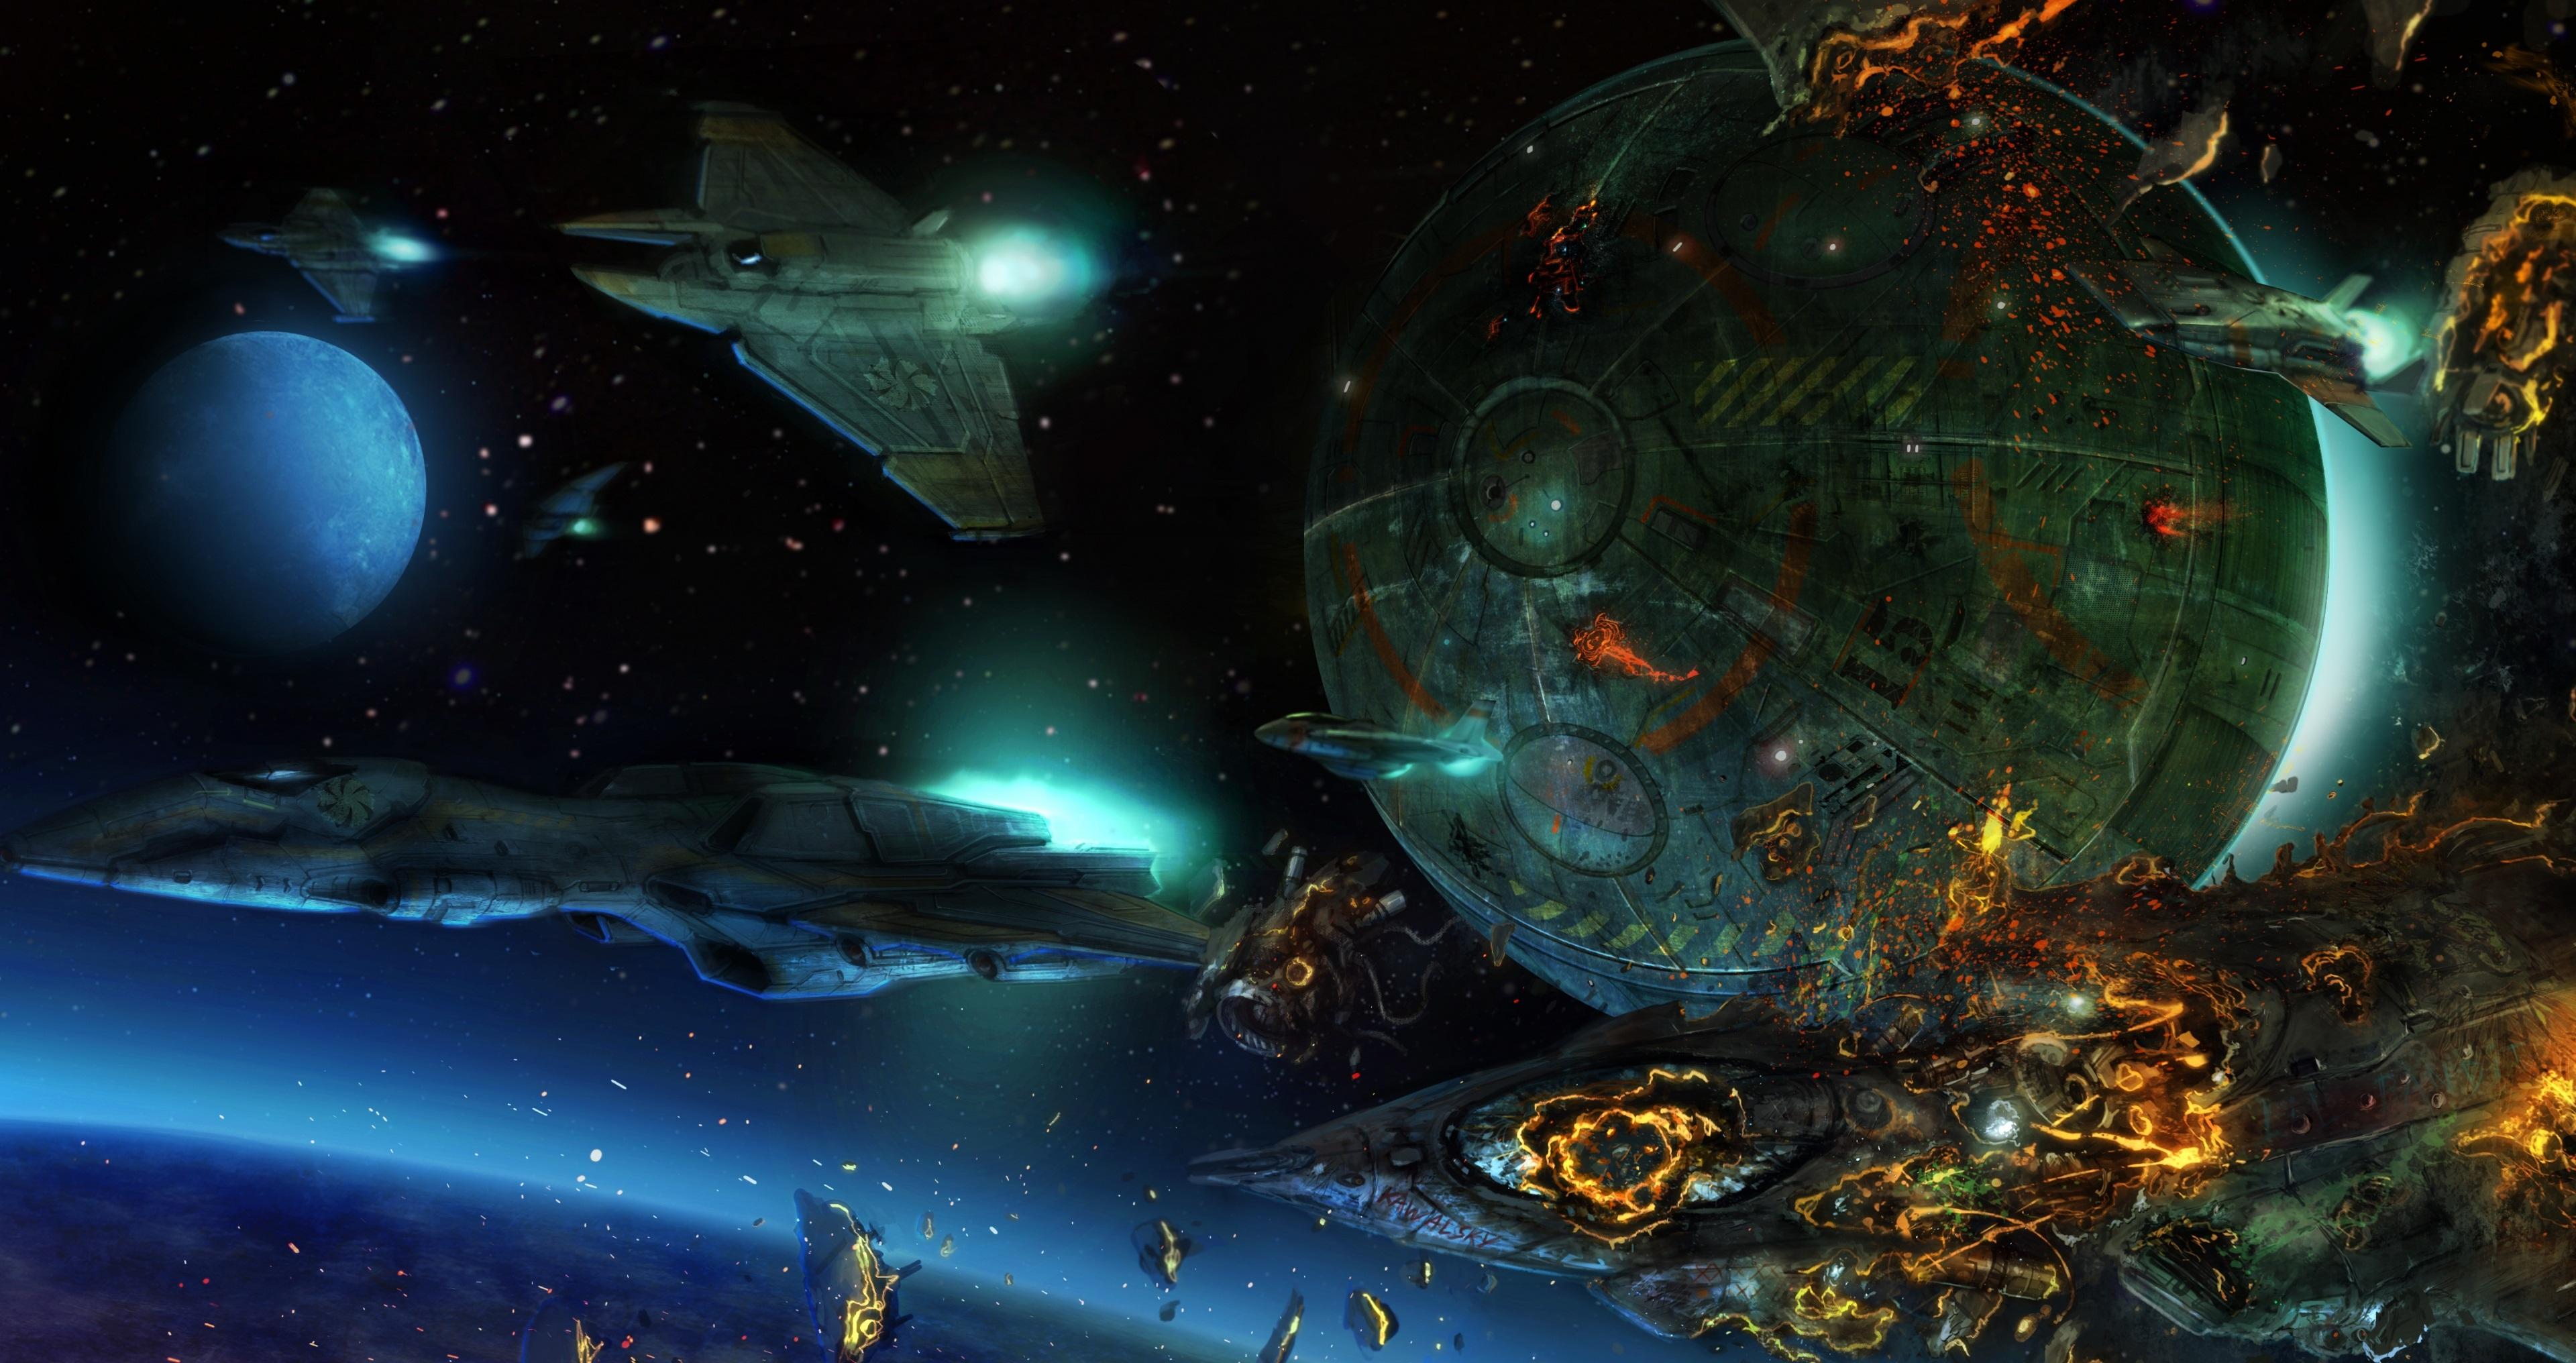 HD Space War Desktop Wallpapers - Wallpapers Z